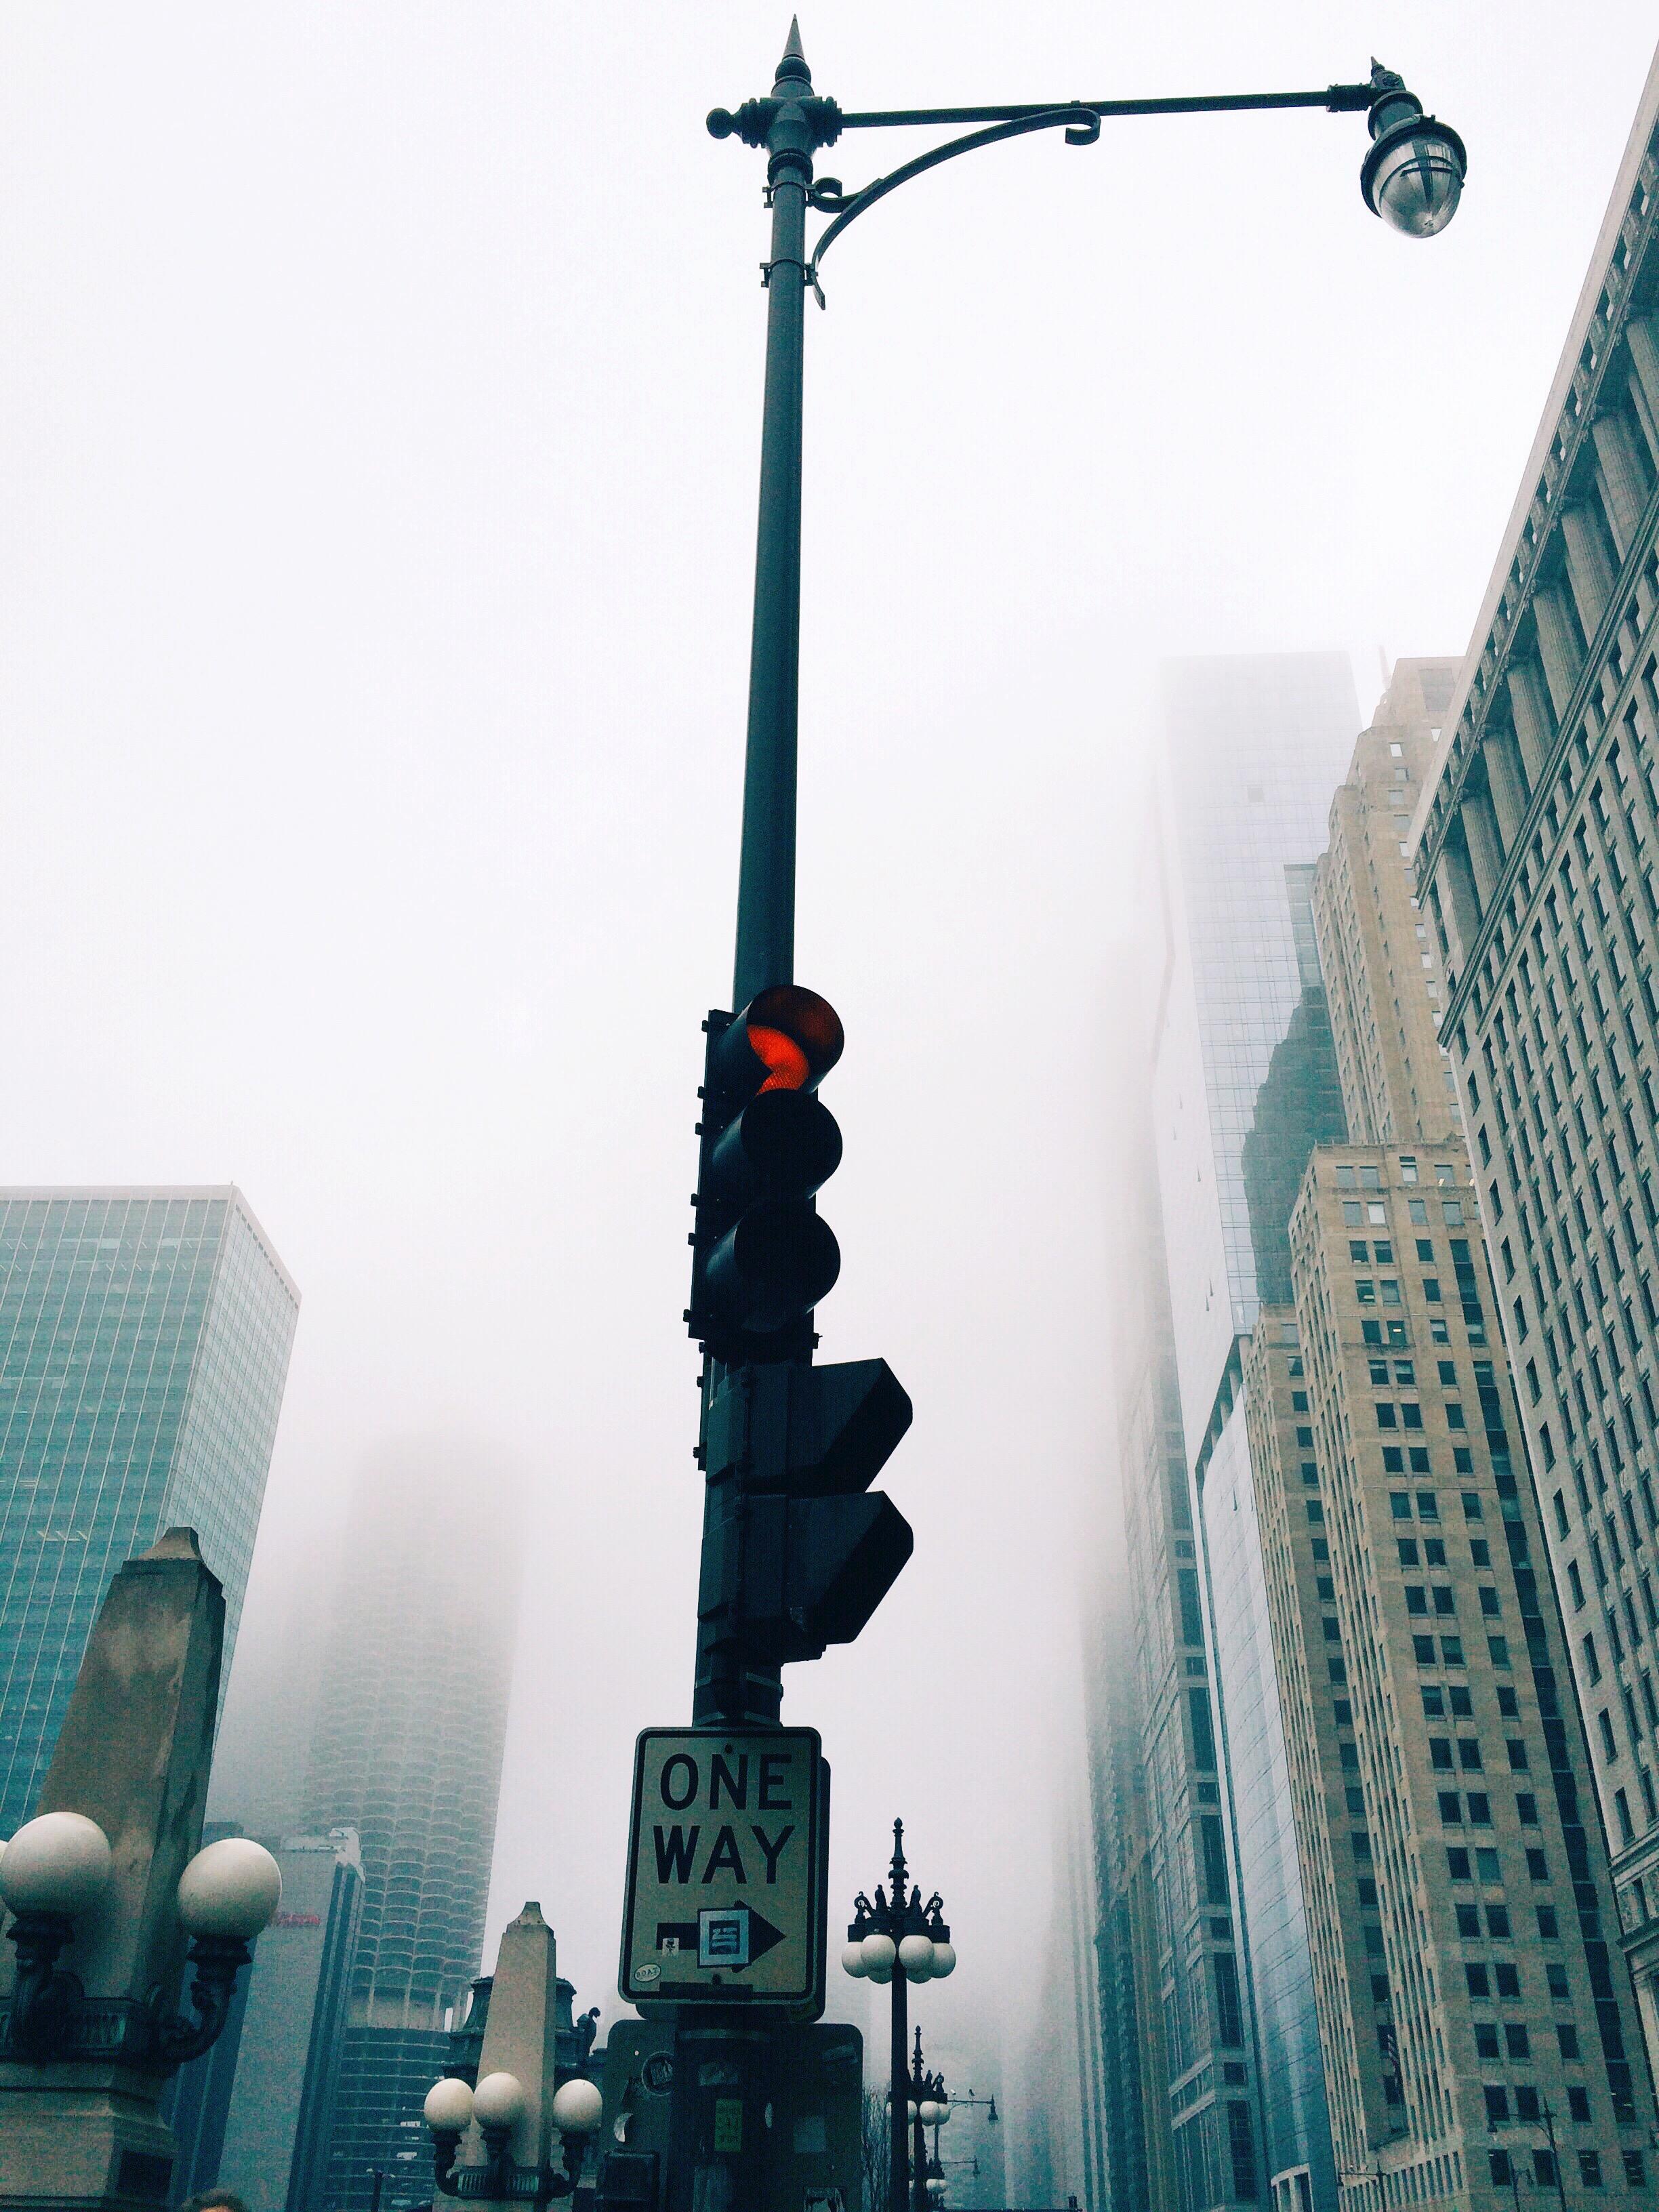 Traffic Light in Fog.jpg